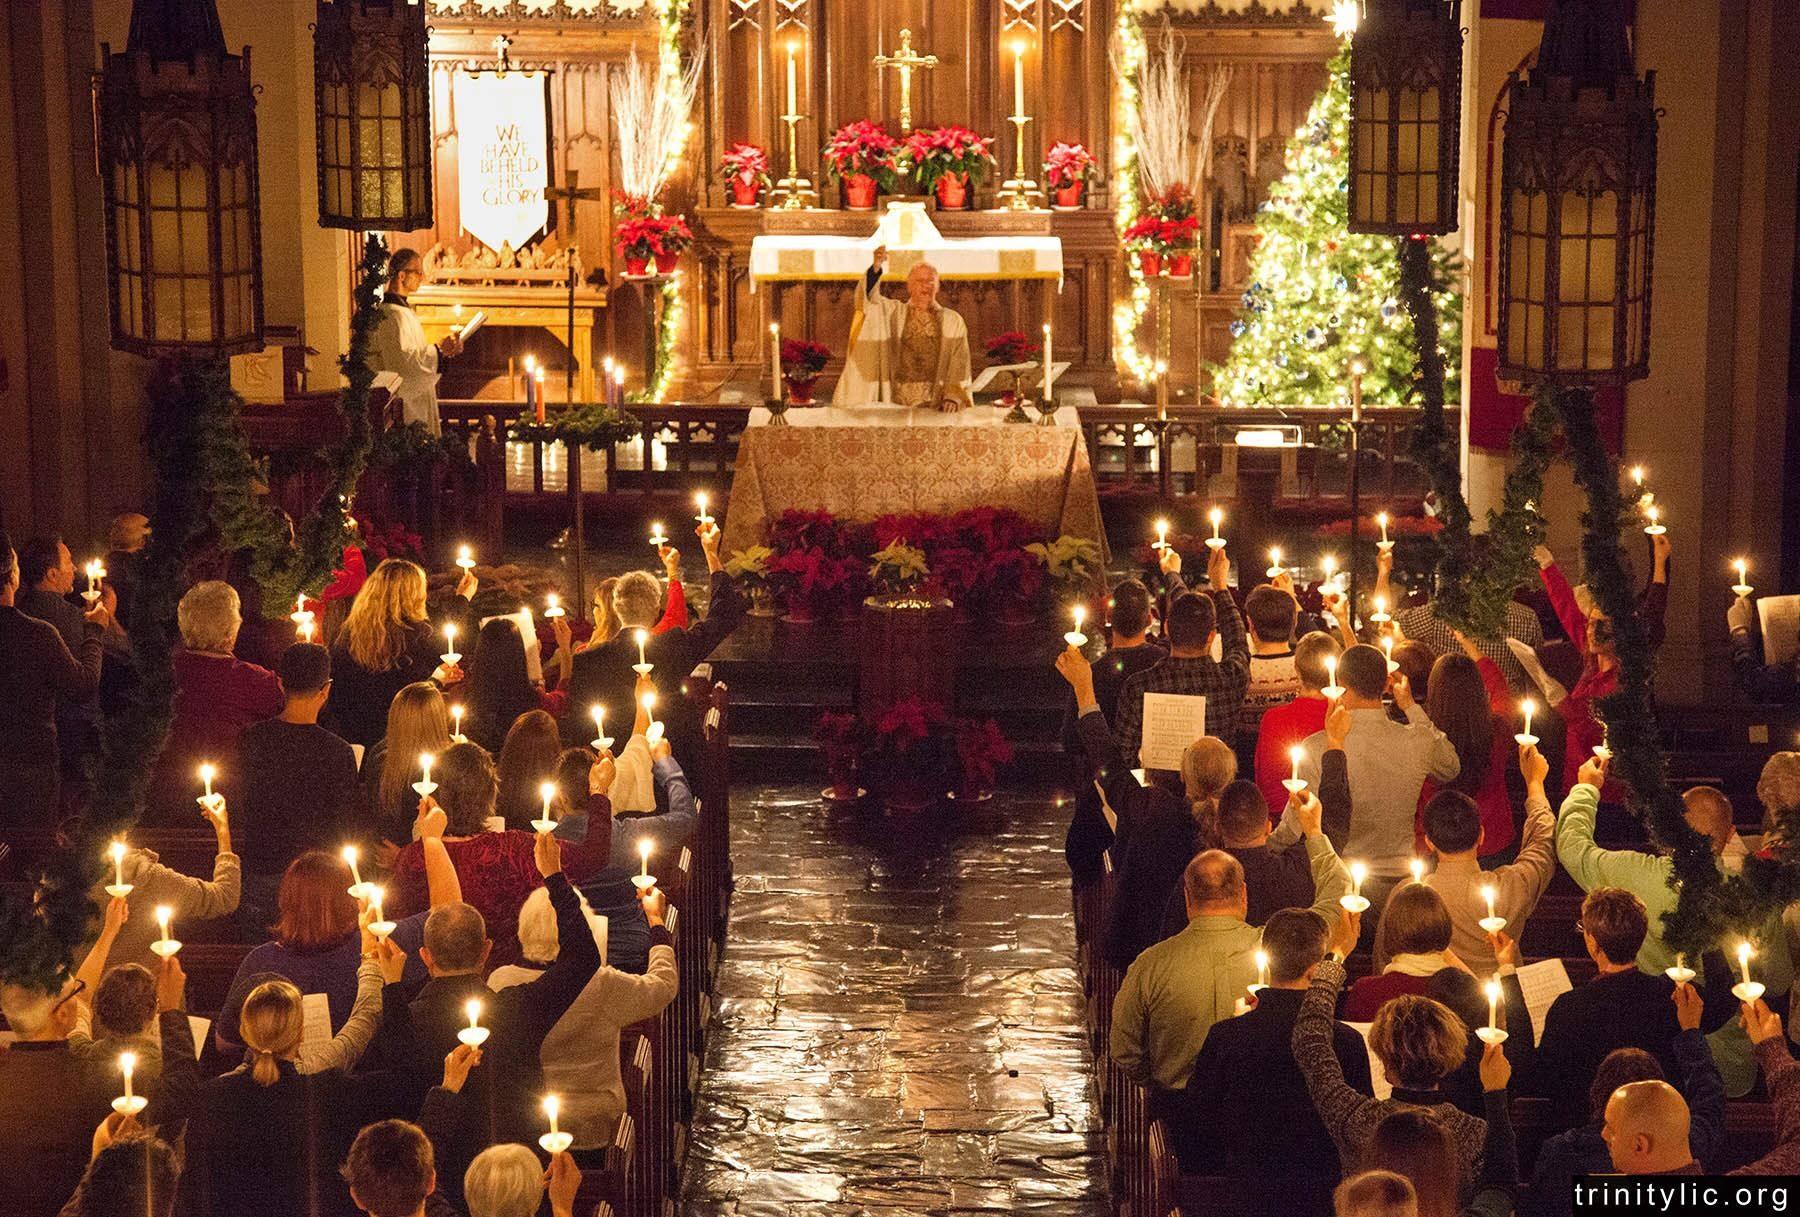 Candlelight+Christmas.jpg